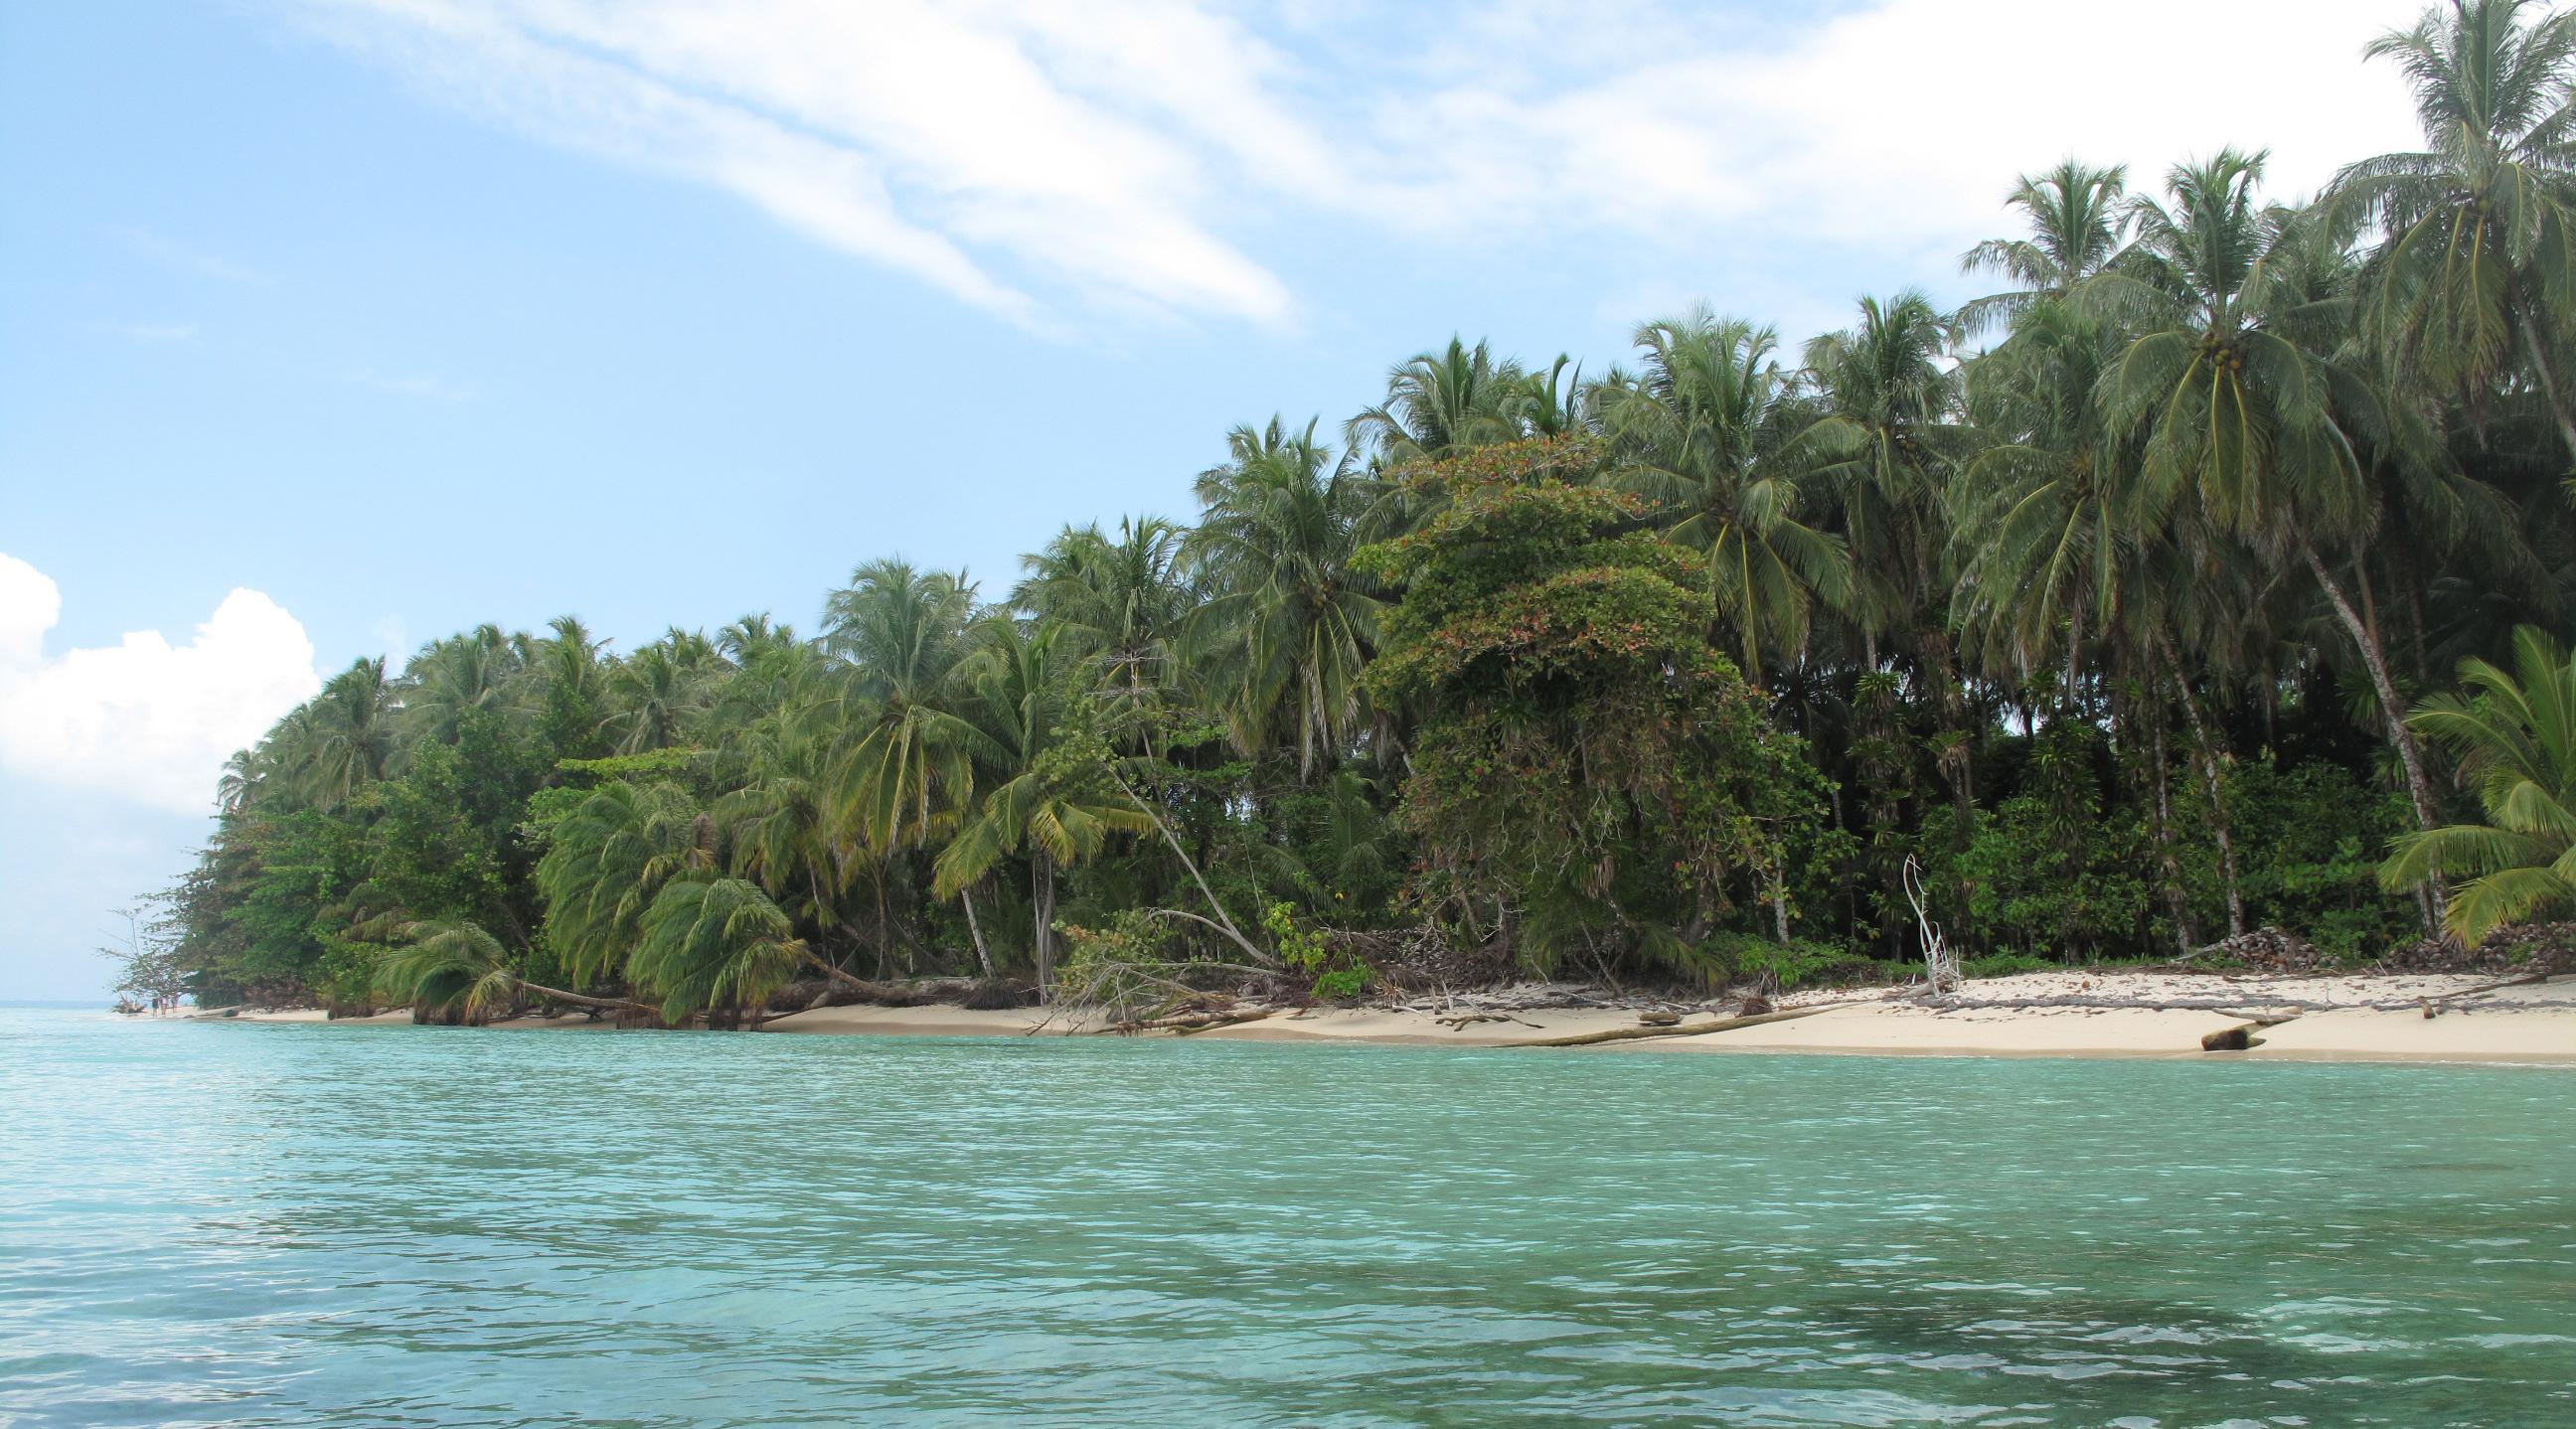 Traumhafte Insel im Archipel Bocas del Toro